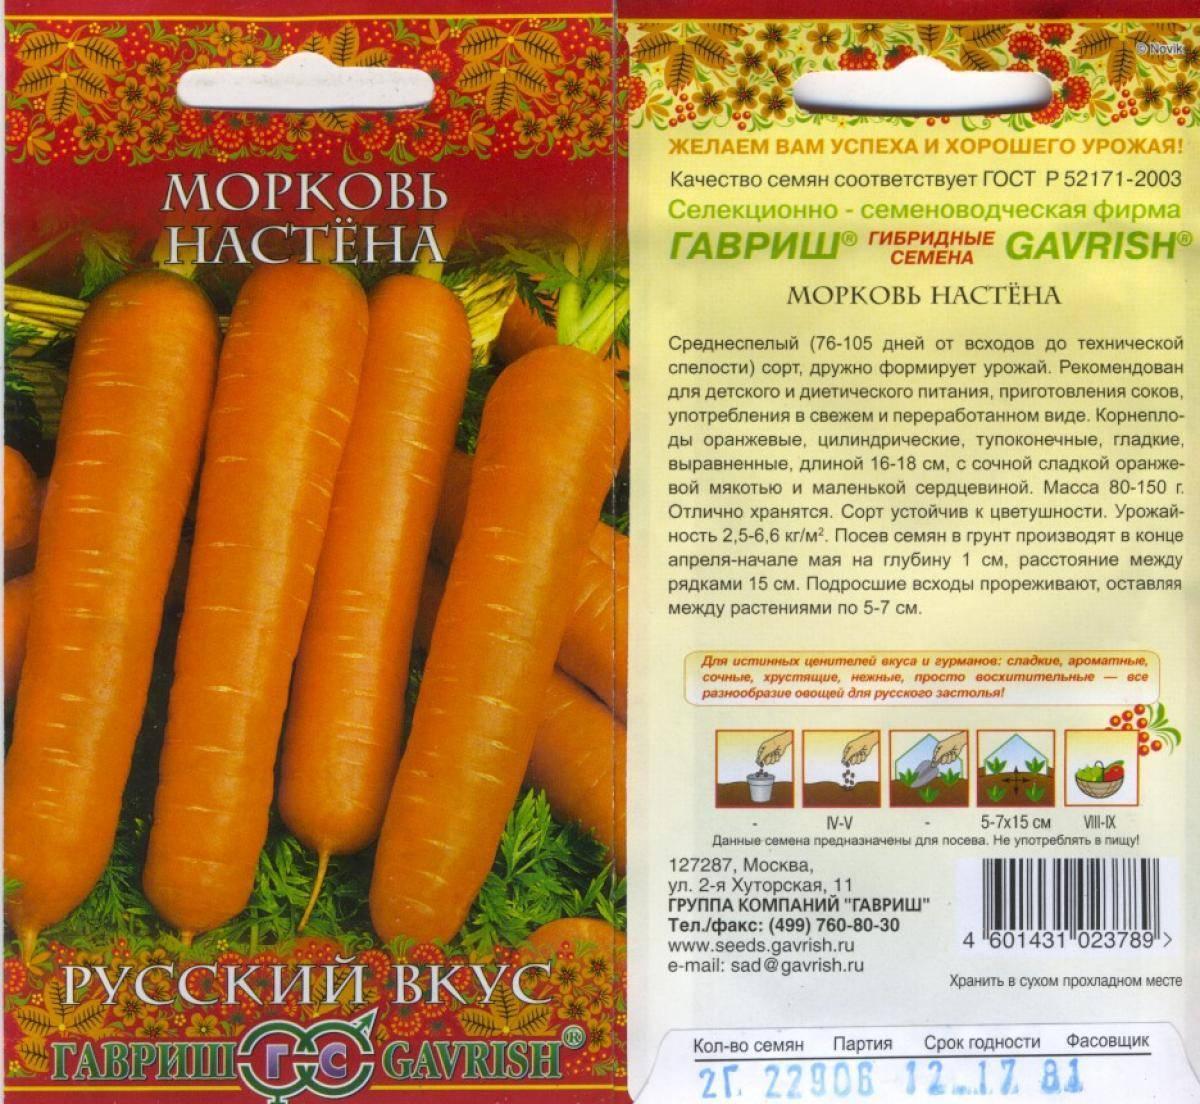 Морковь под именем сластена — высокий урожай сладких корнеплодов